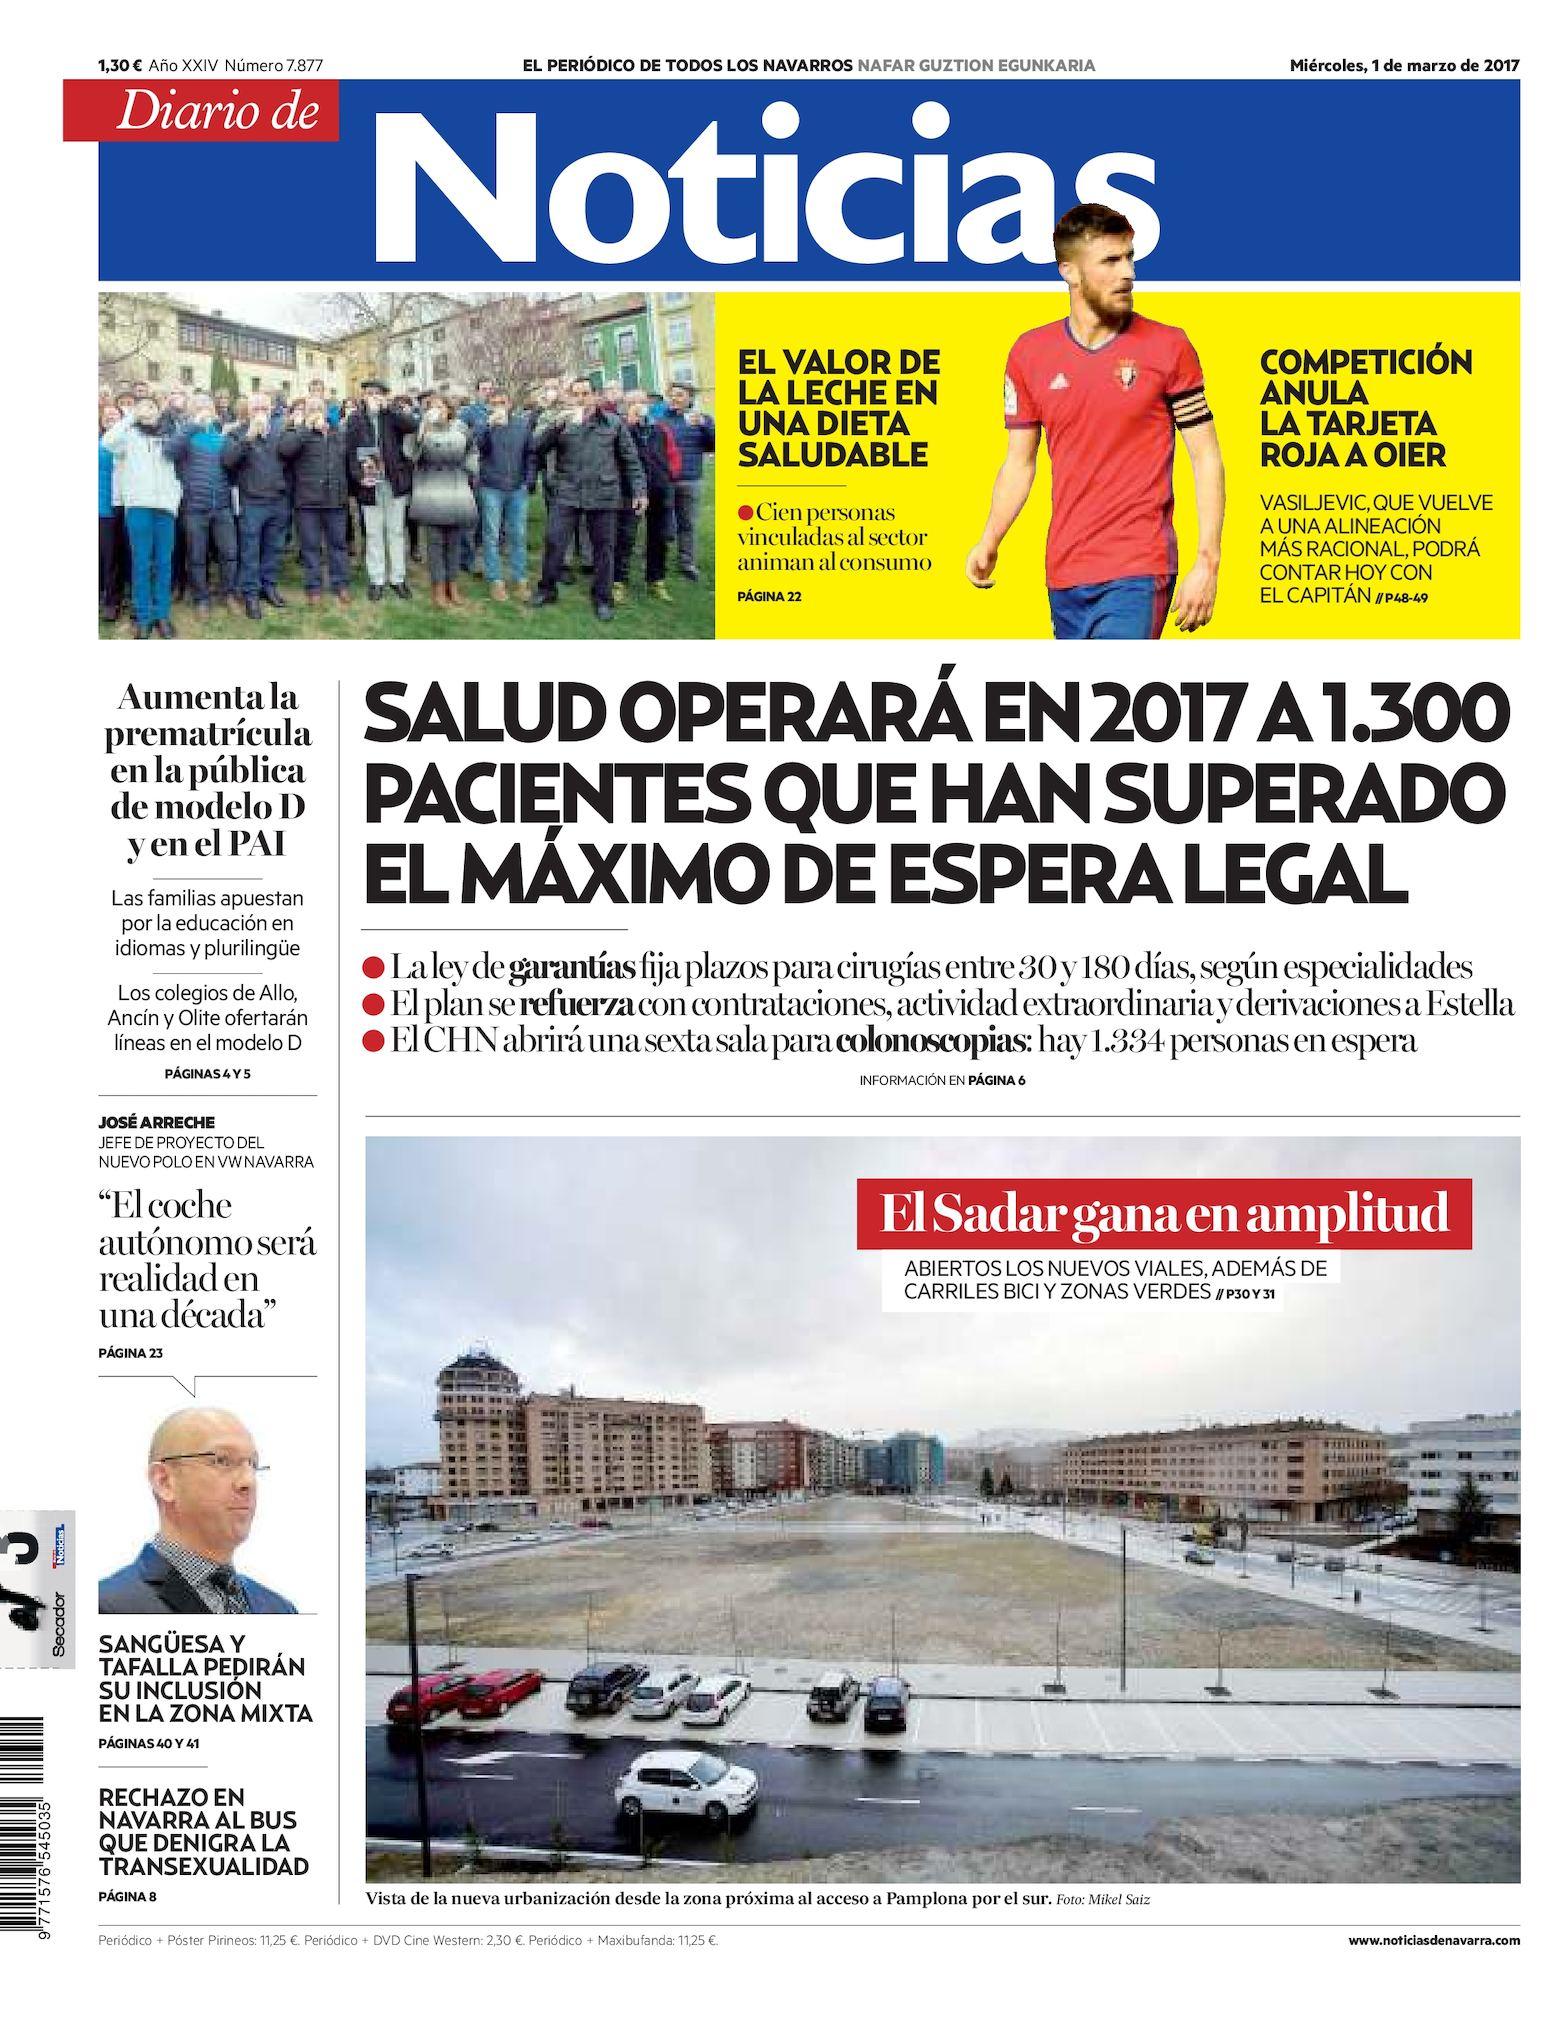 De Diario 20170301 Calaméo Noticias Calaméo Noticias 20170301 De Diario nNZ0wPX8kO